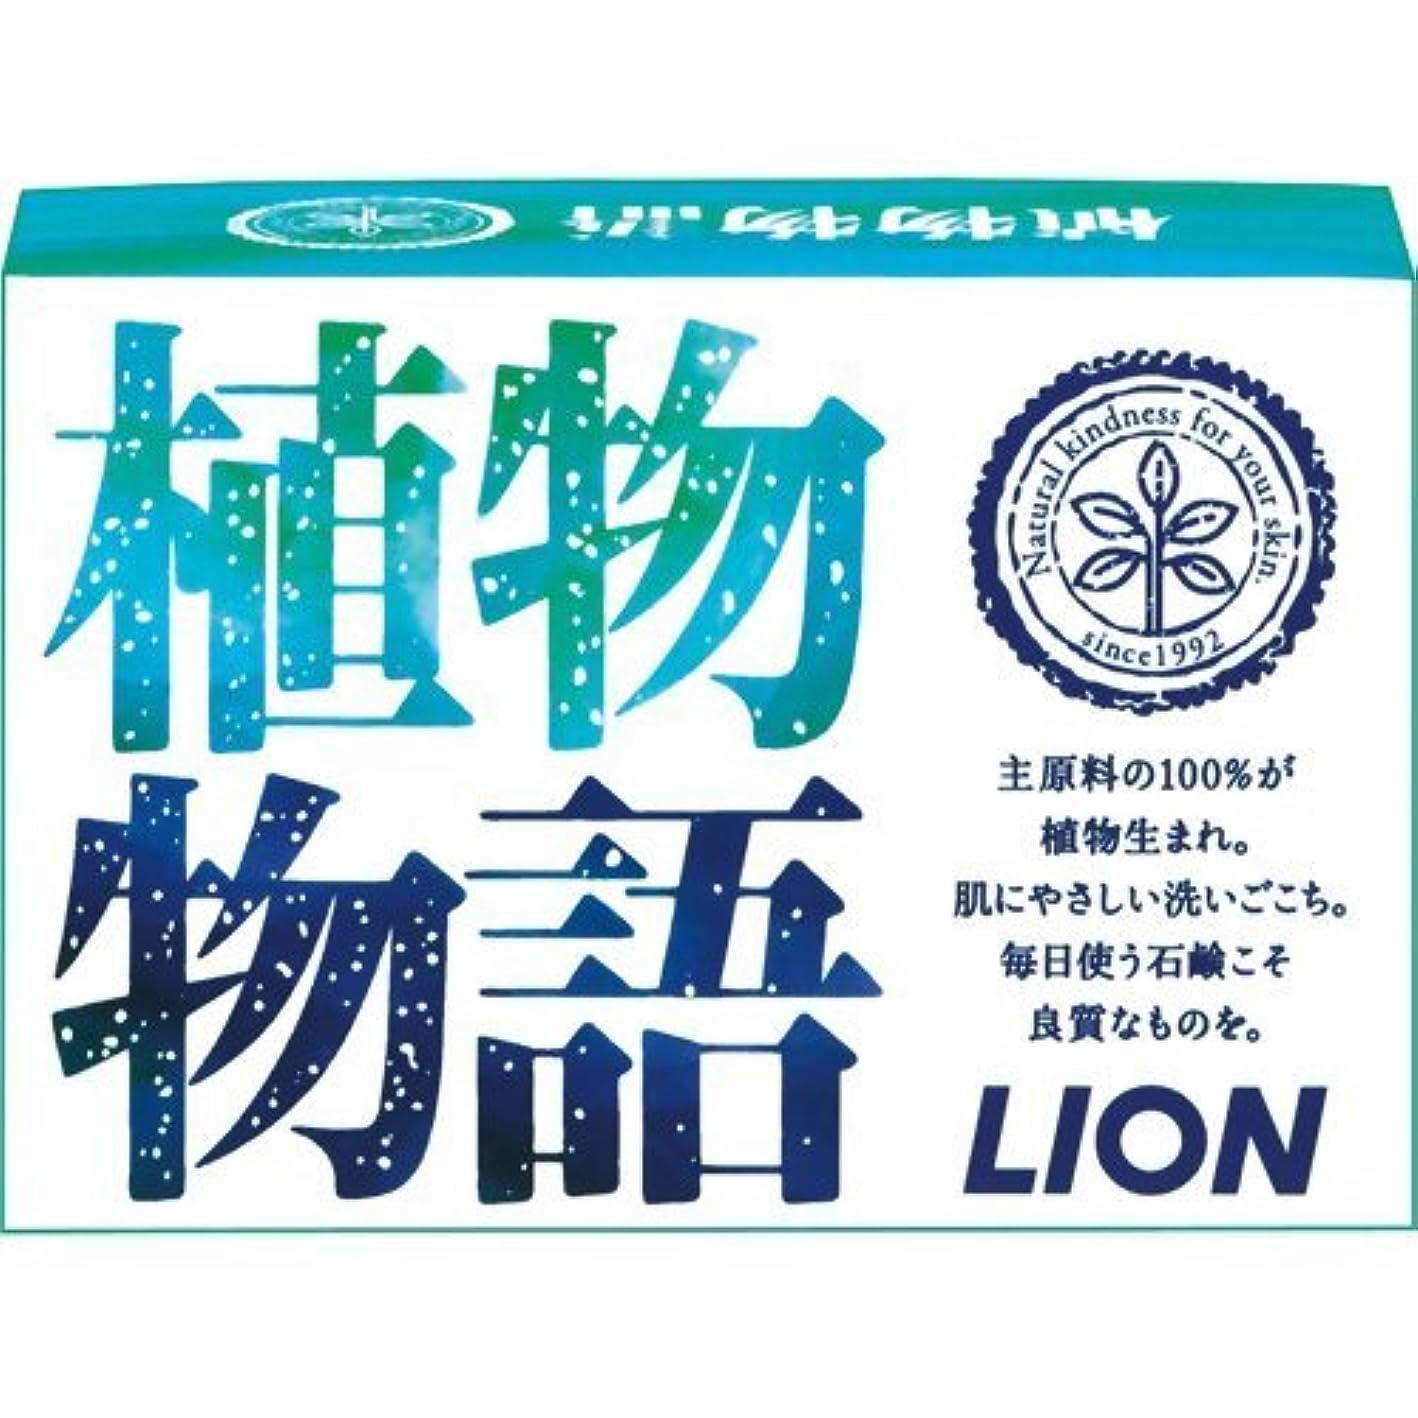 群集限りなく疑い者ライオン 植物物語 化粧石鹸  1個